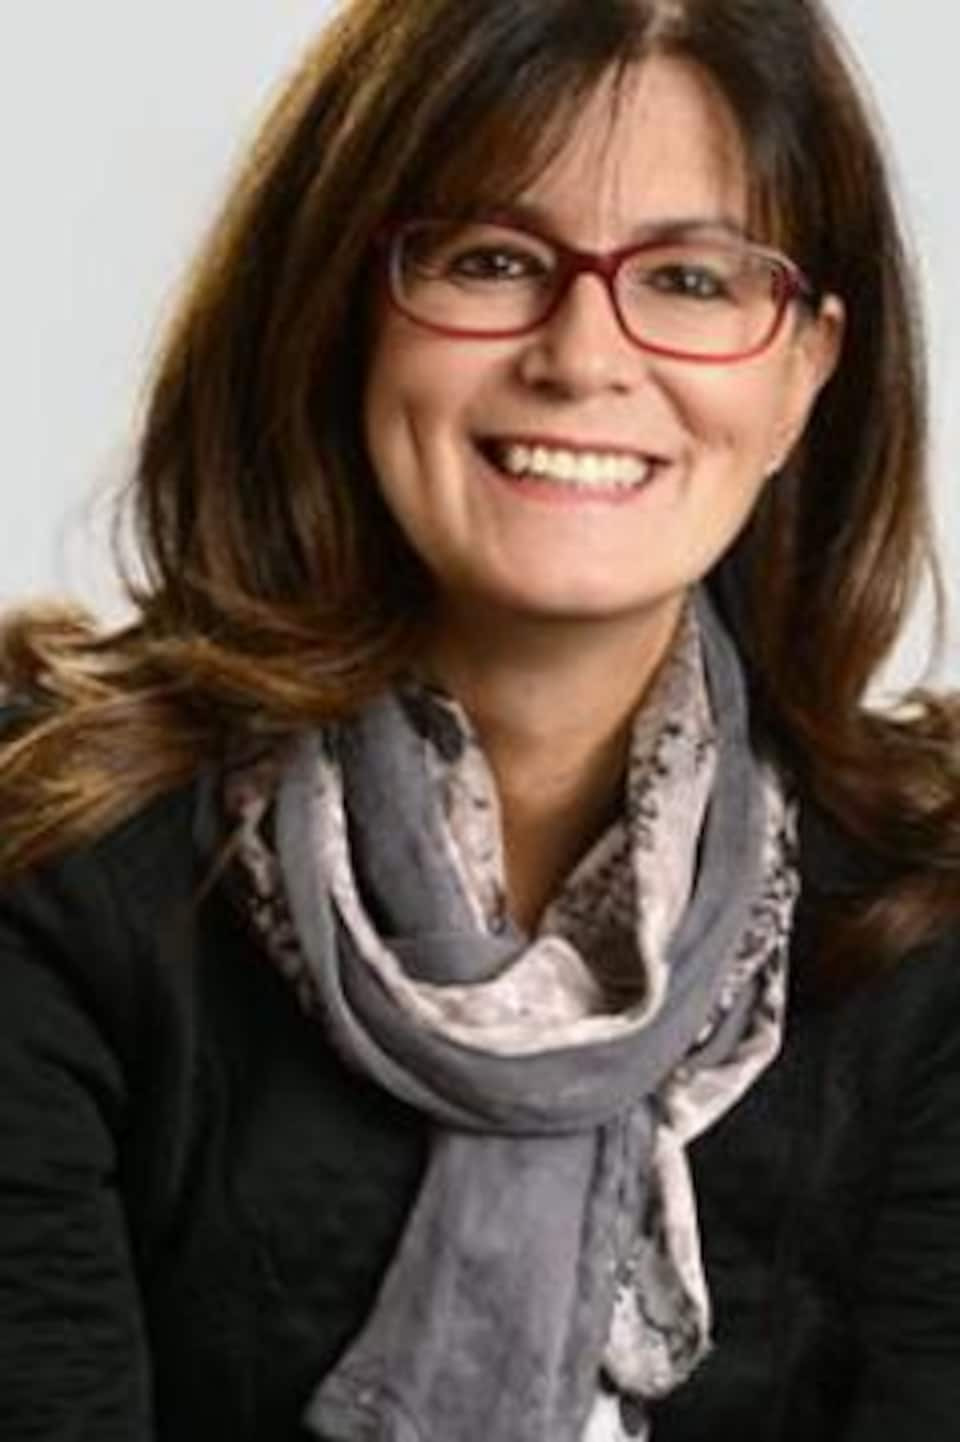 Femme souriante et portant des lunettes, photographiée en gros plan.